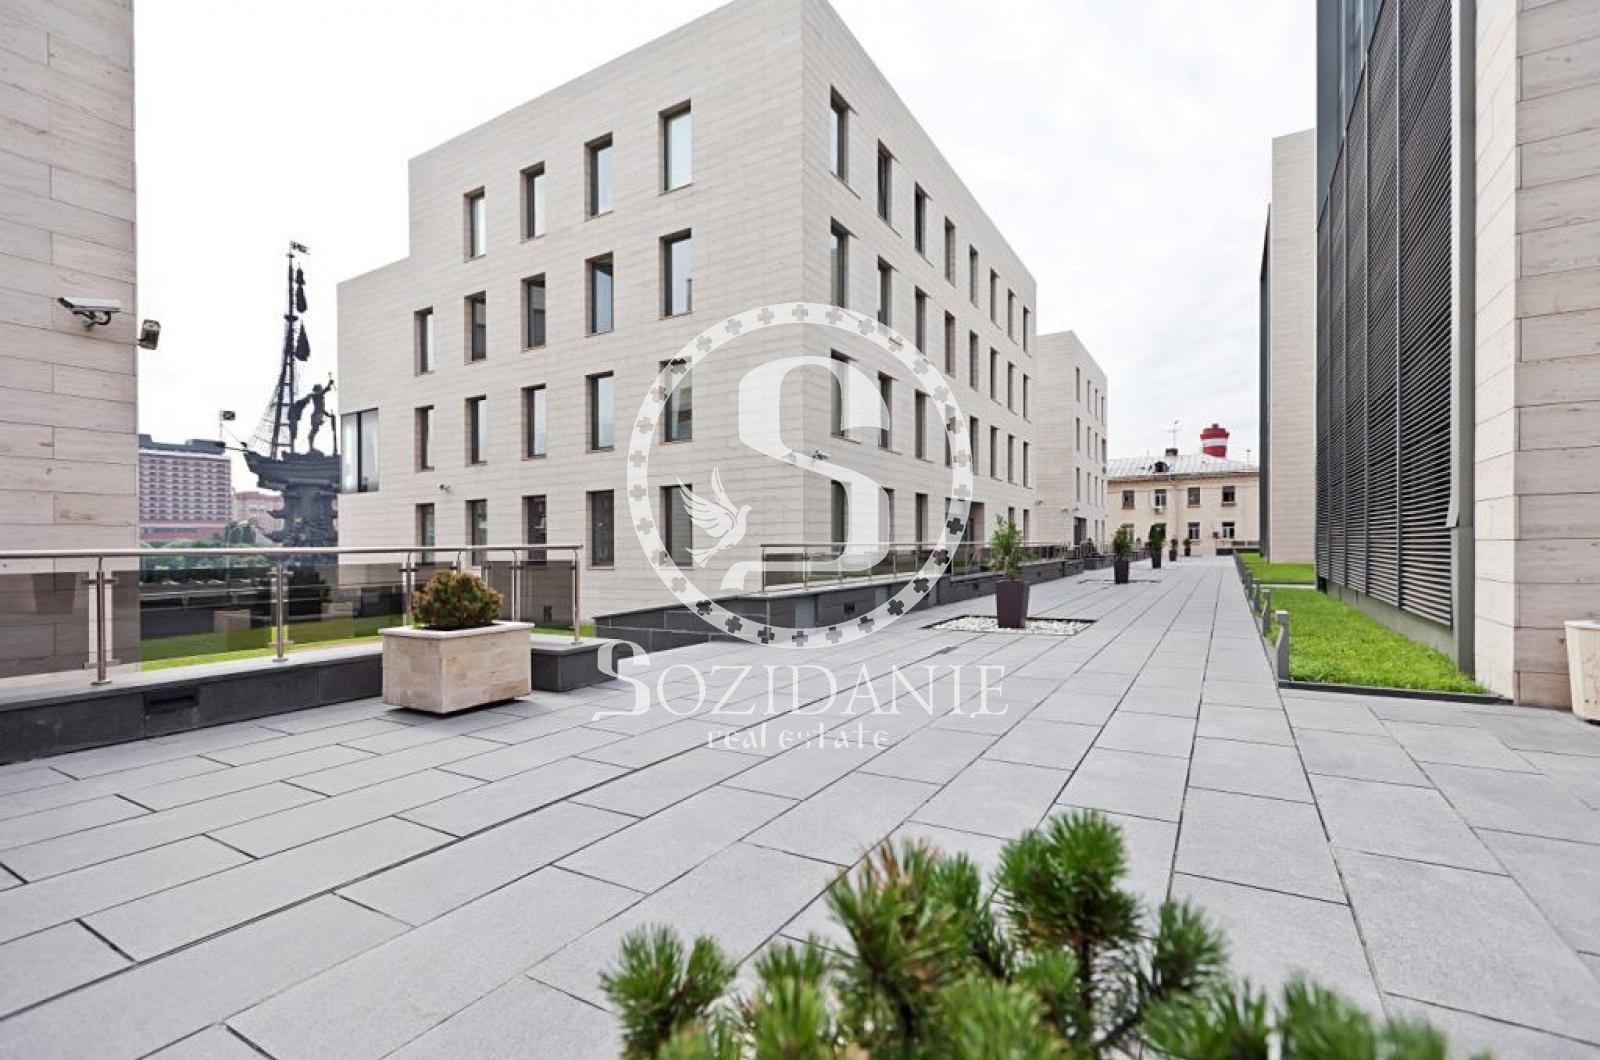 8 Комнаты, Городская, Продажа, Пречистенская набережная, Listing ID 3389, Москва, Россия,